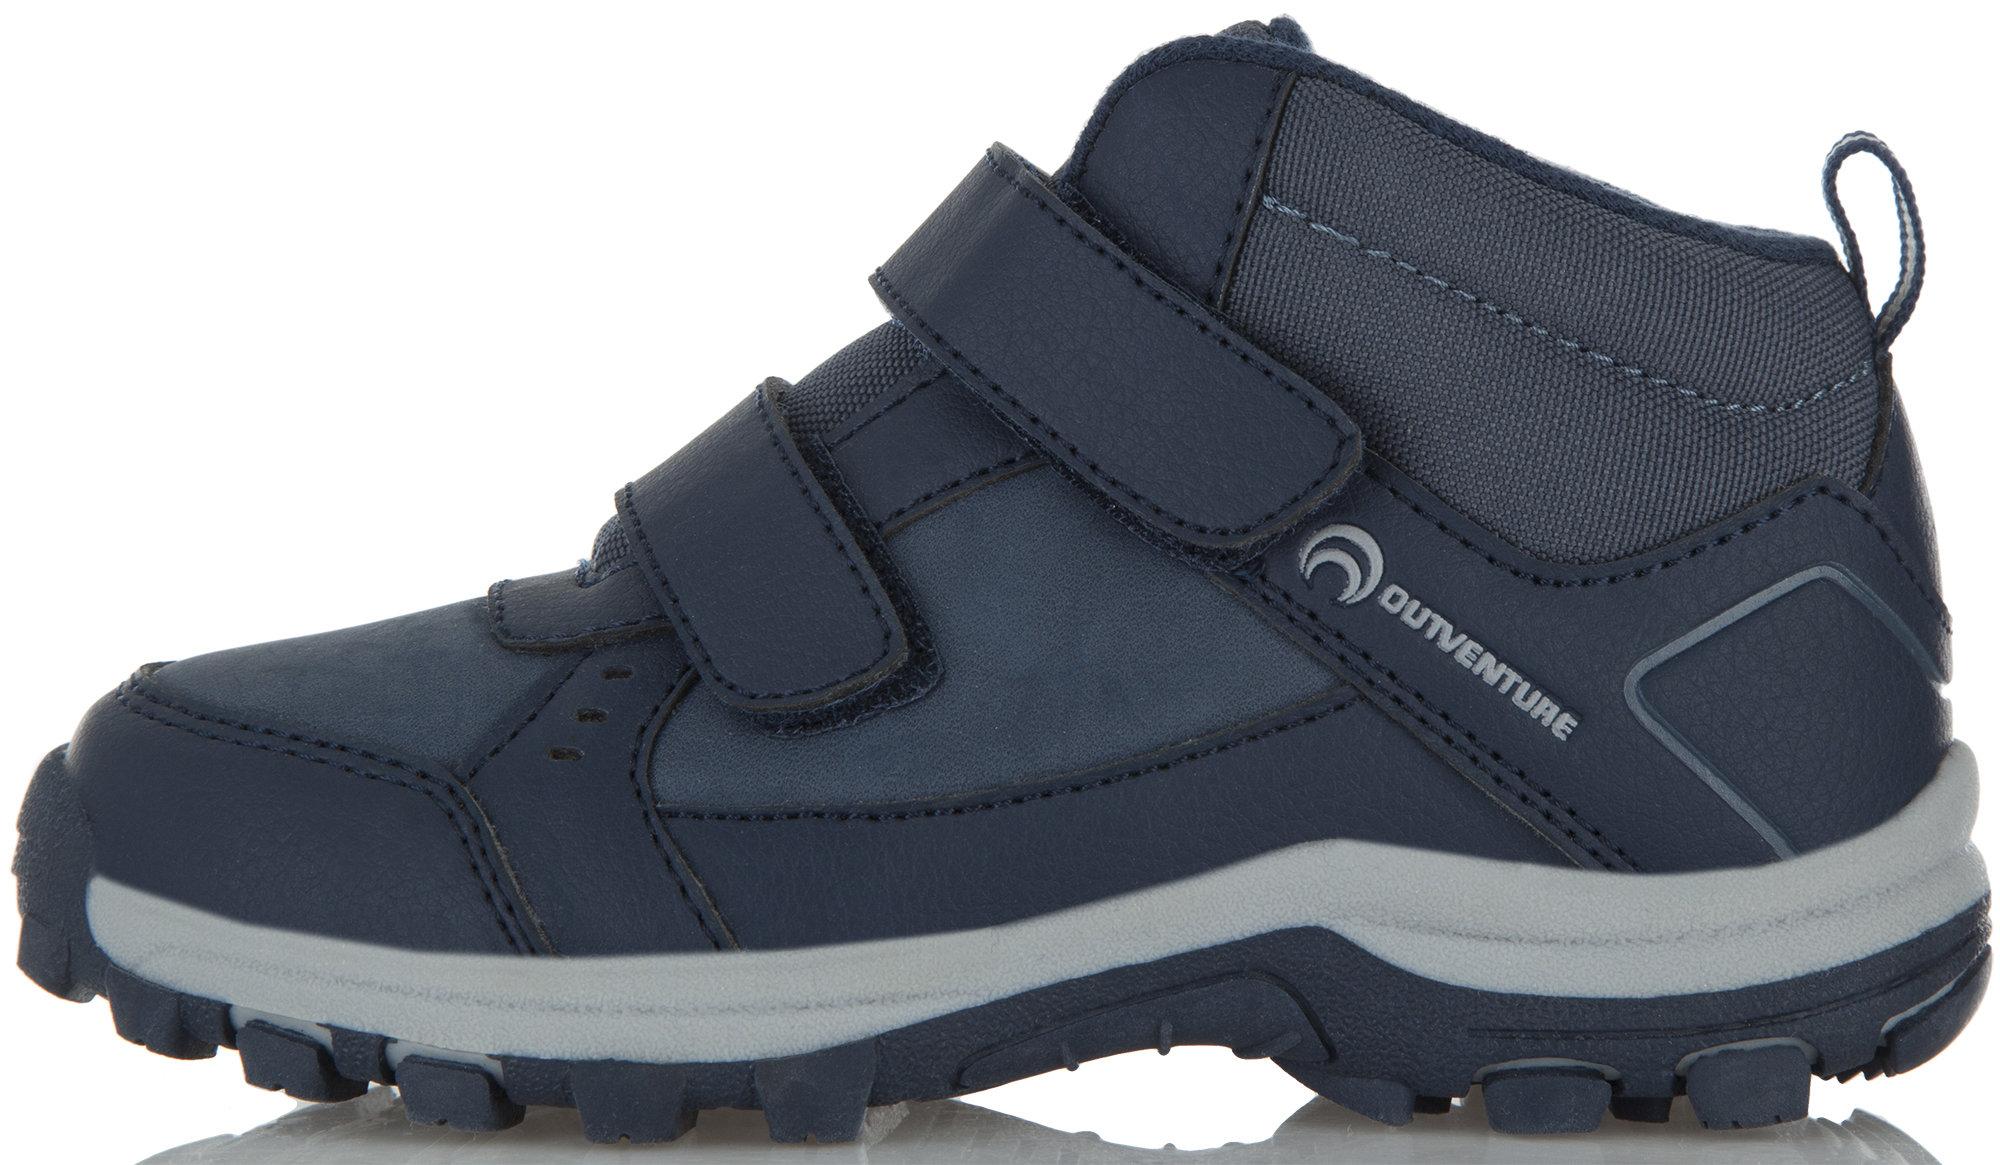 Ботинки для мальчиков Outventure Track Mid LK, размер 24